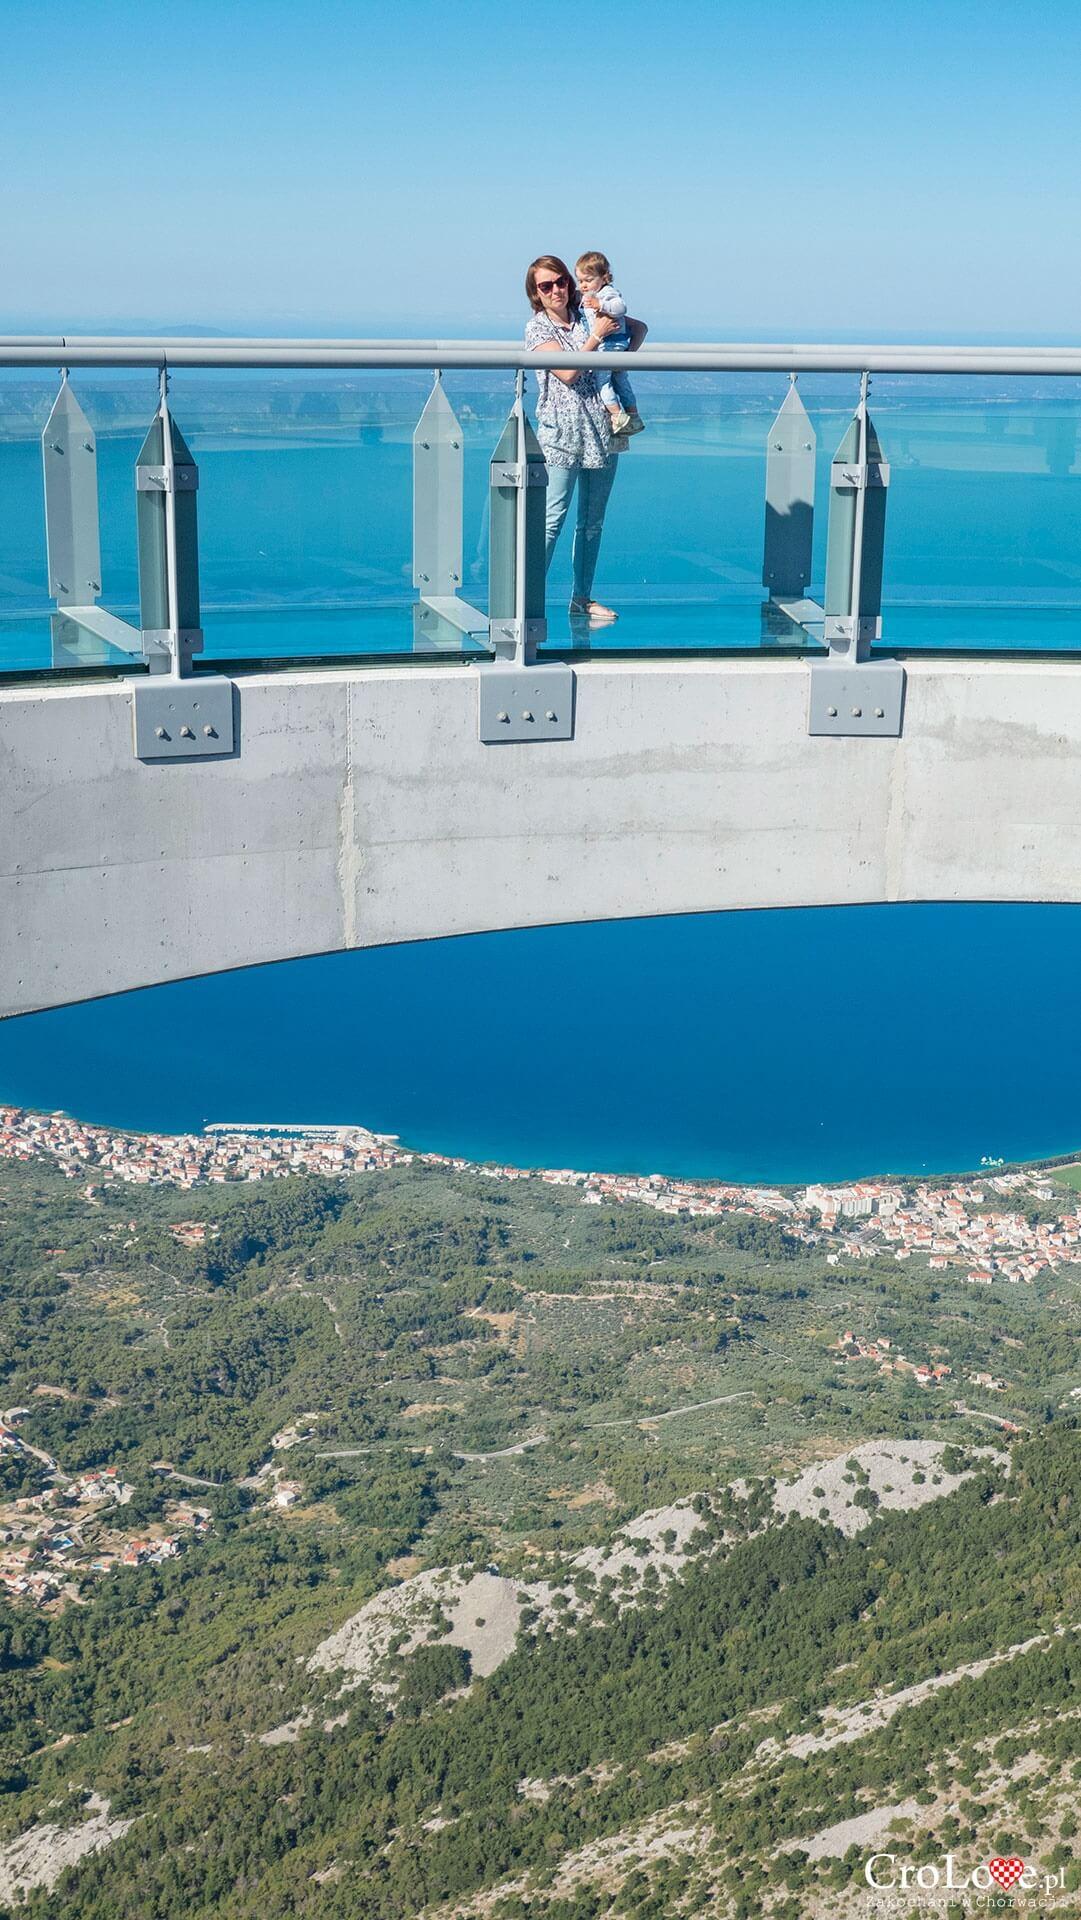 Skywalk Biokovo - szklany taras widokowy, Riwiera Makarska w Chorwacji